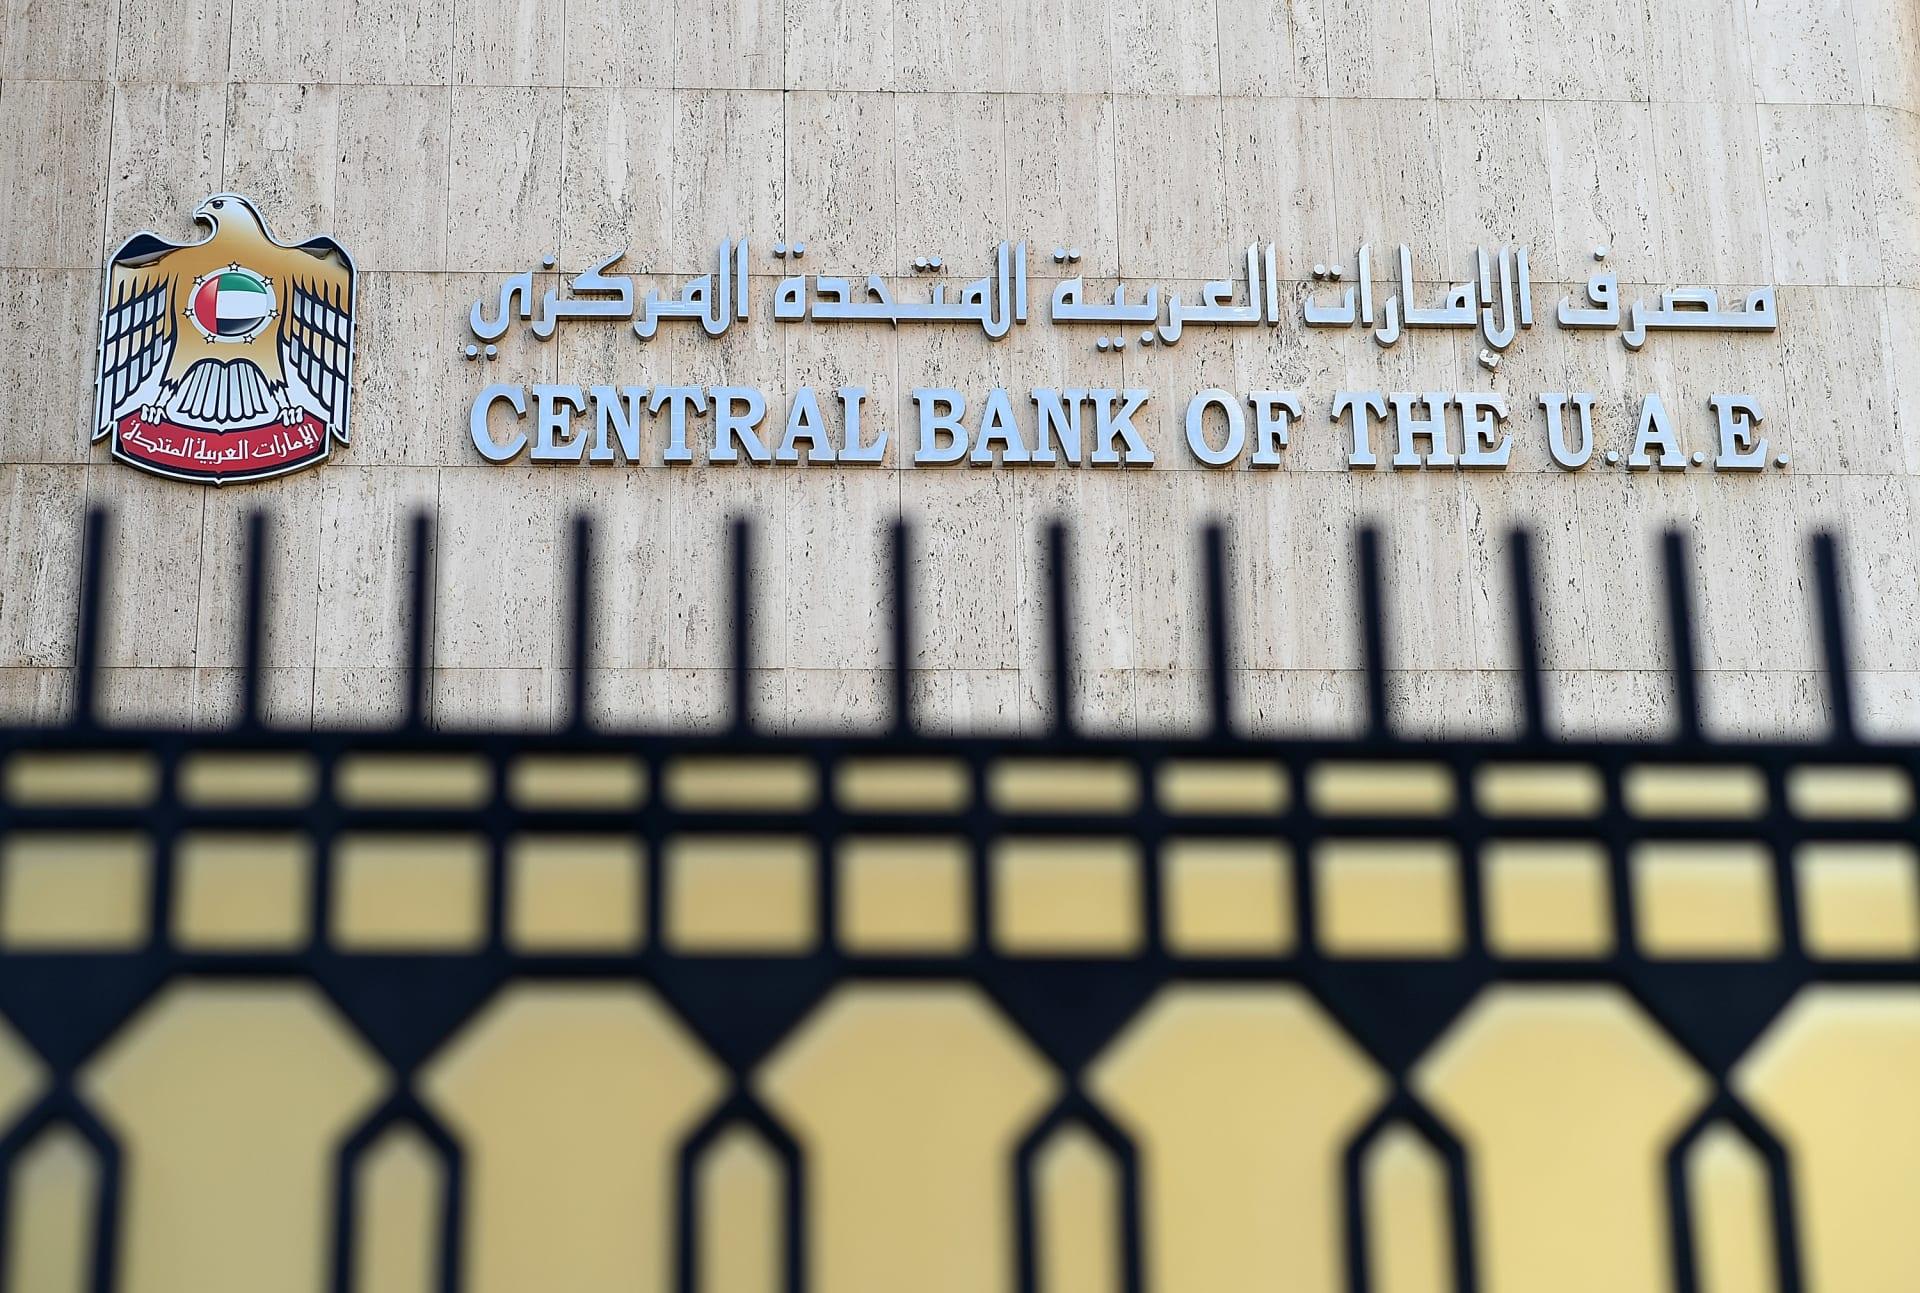 مصرف الإمارات المركزي يمدد حزمة الدعم الاقتصادي لنصف العام المقبل